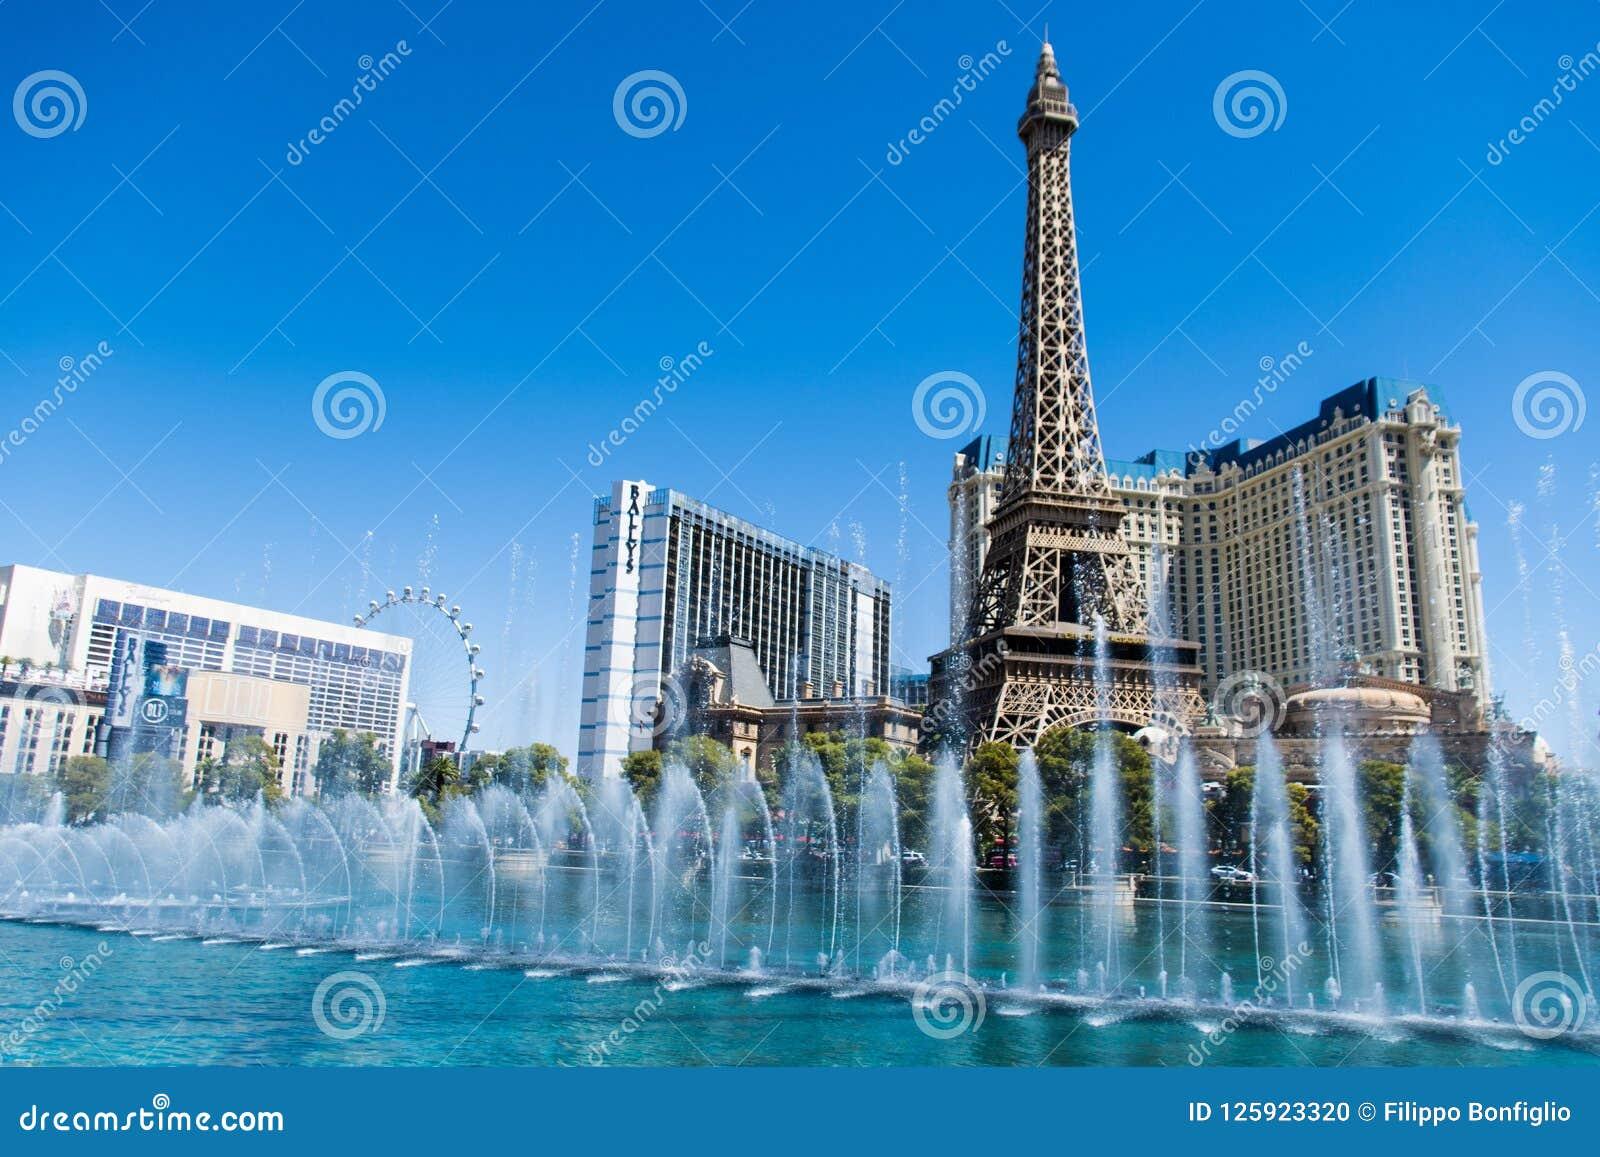 Las Vegas, nanovoltio, los E.E.U.U. 09032018: vista imponente del hotel de París en luz del día durante la demostración de la fue